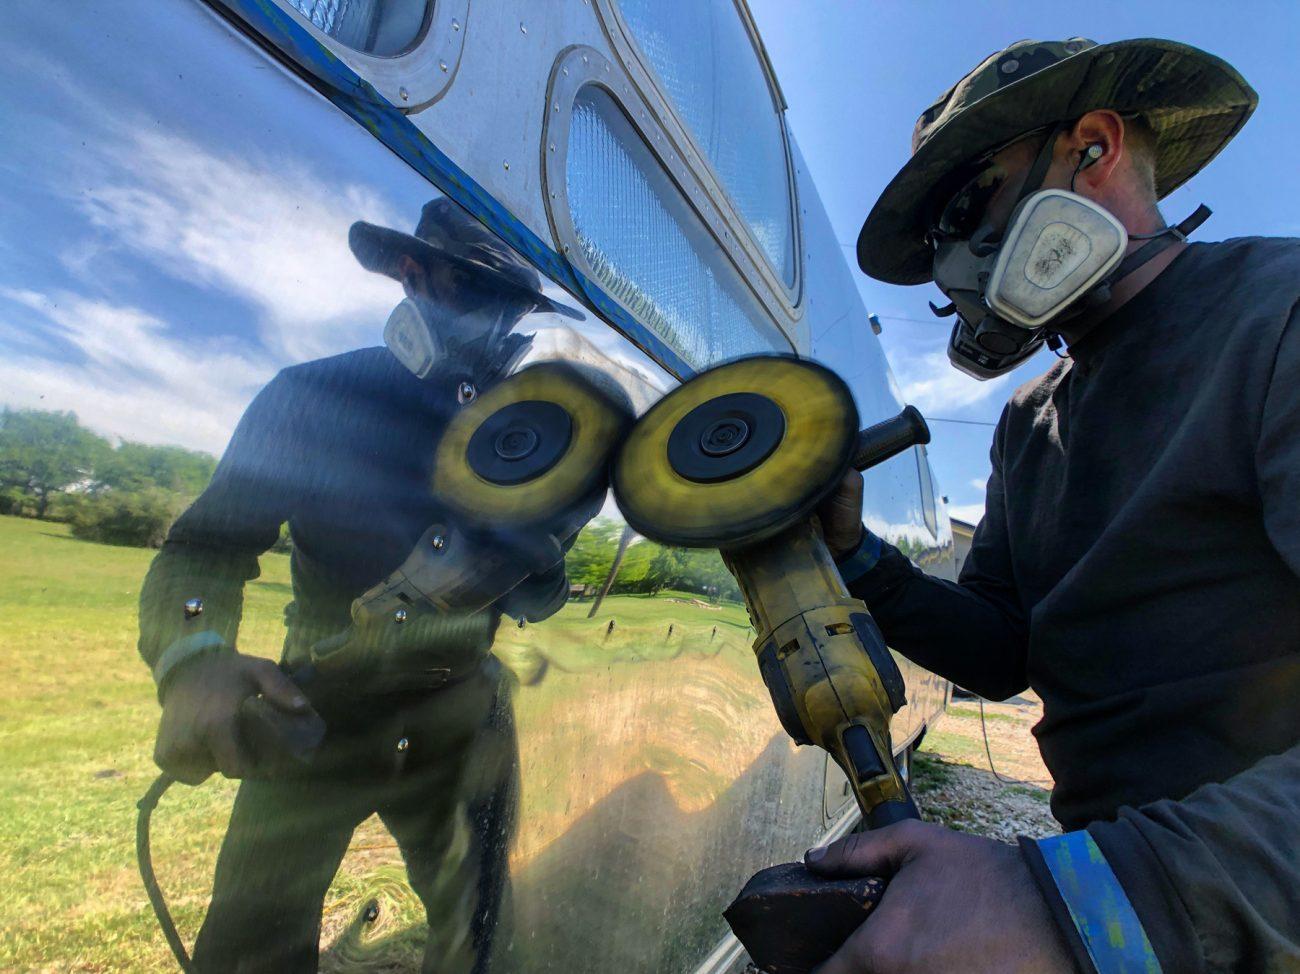 Man reflected polishing Airstream